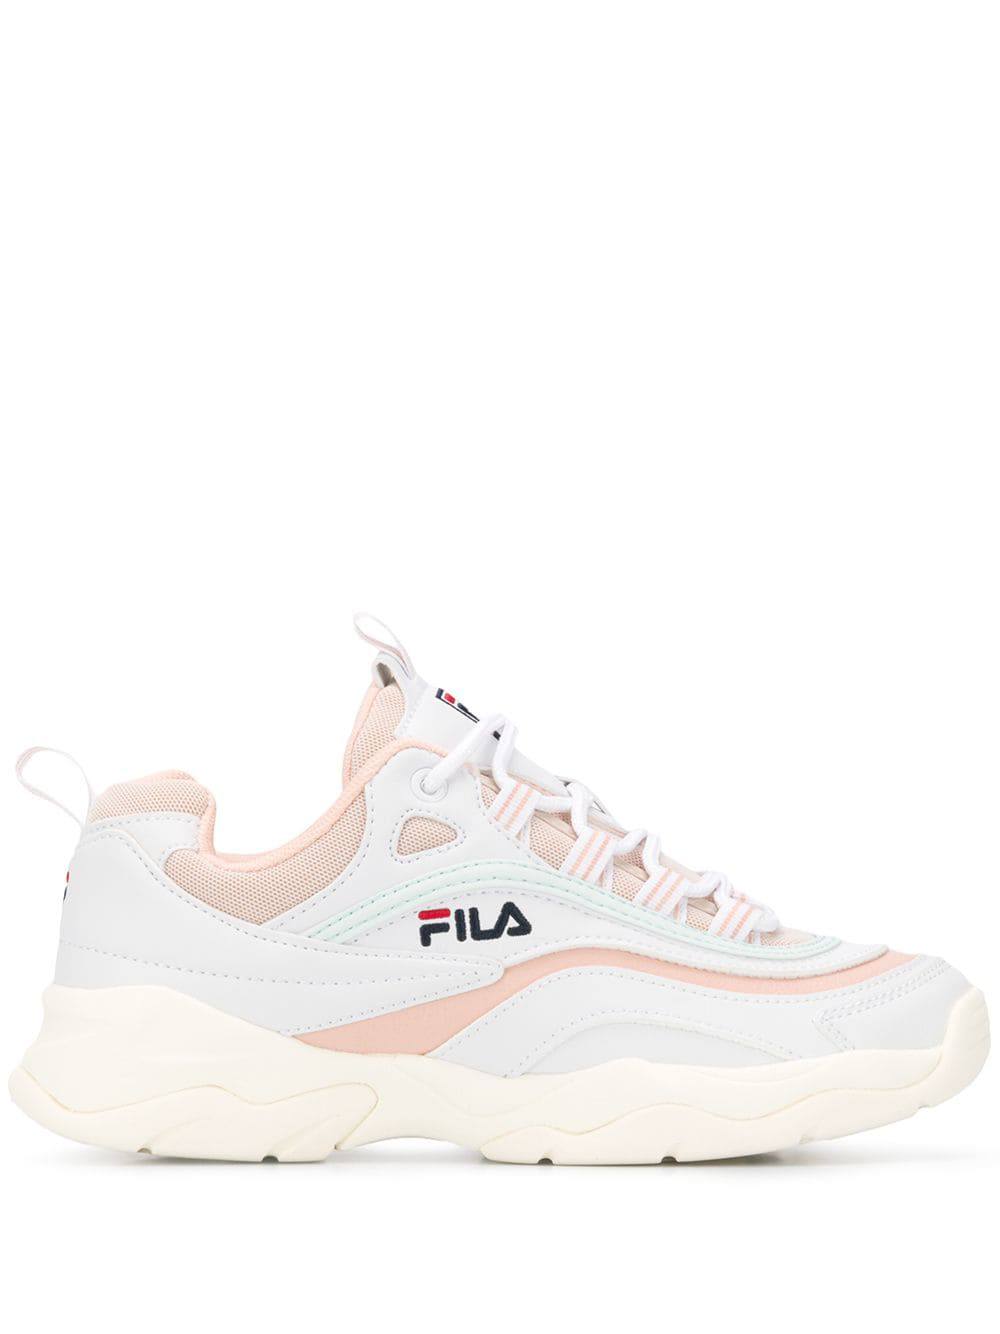 Fila Chunky Sneakers - White